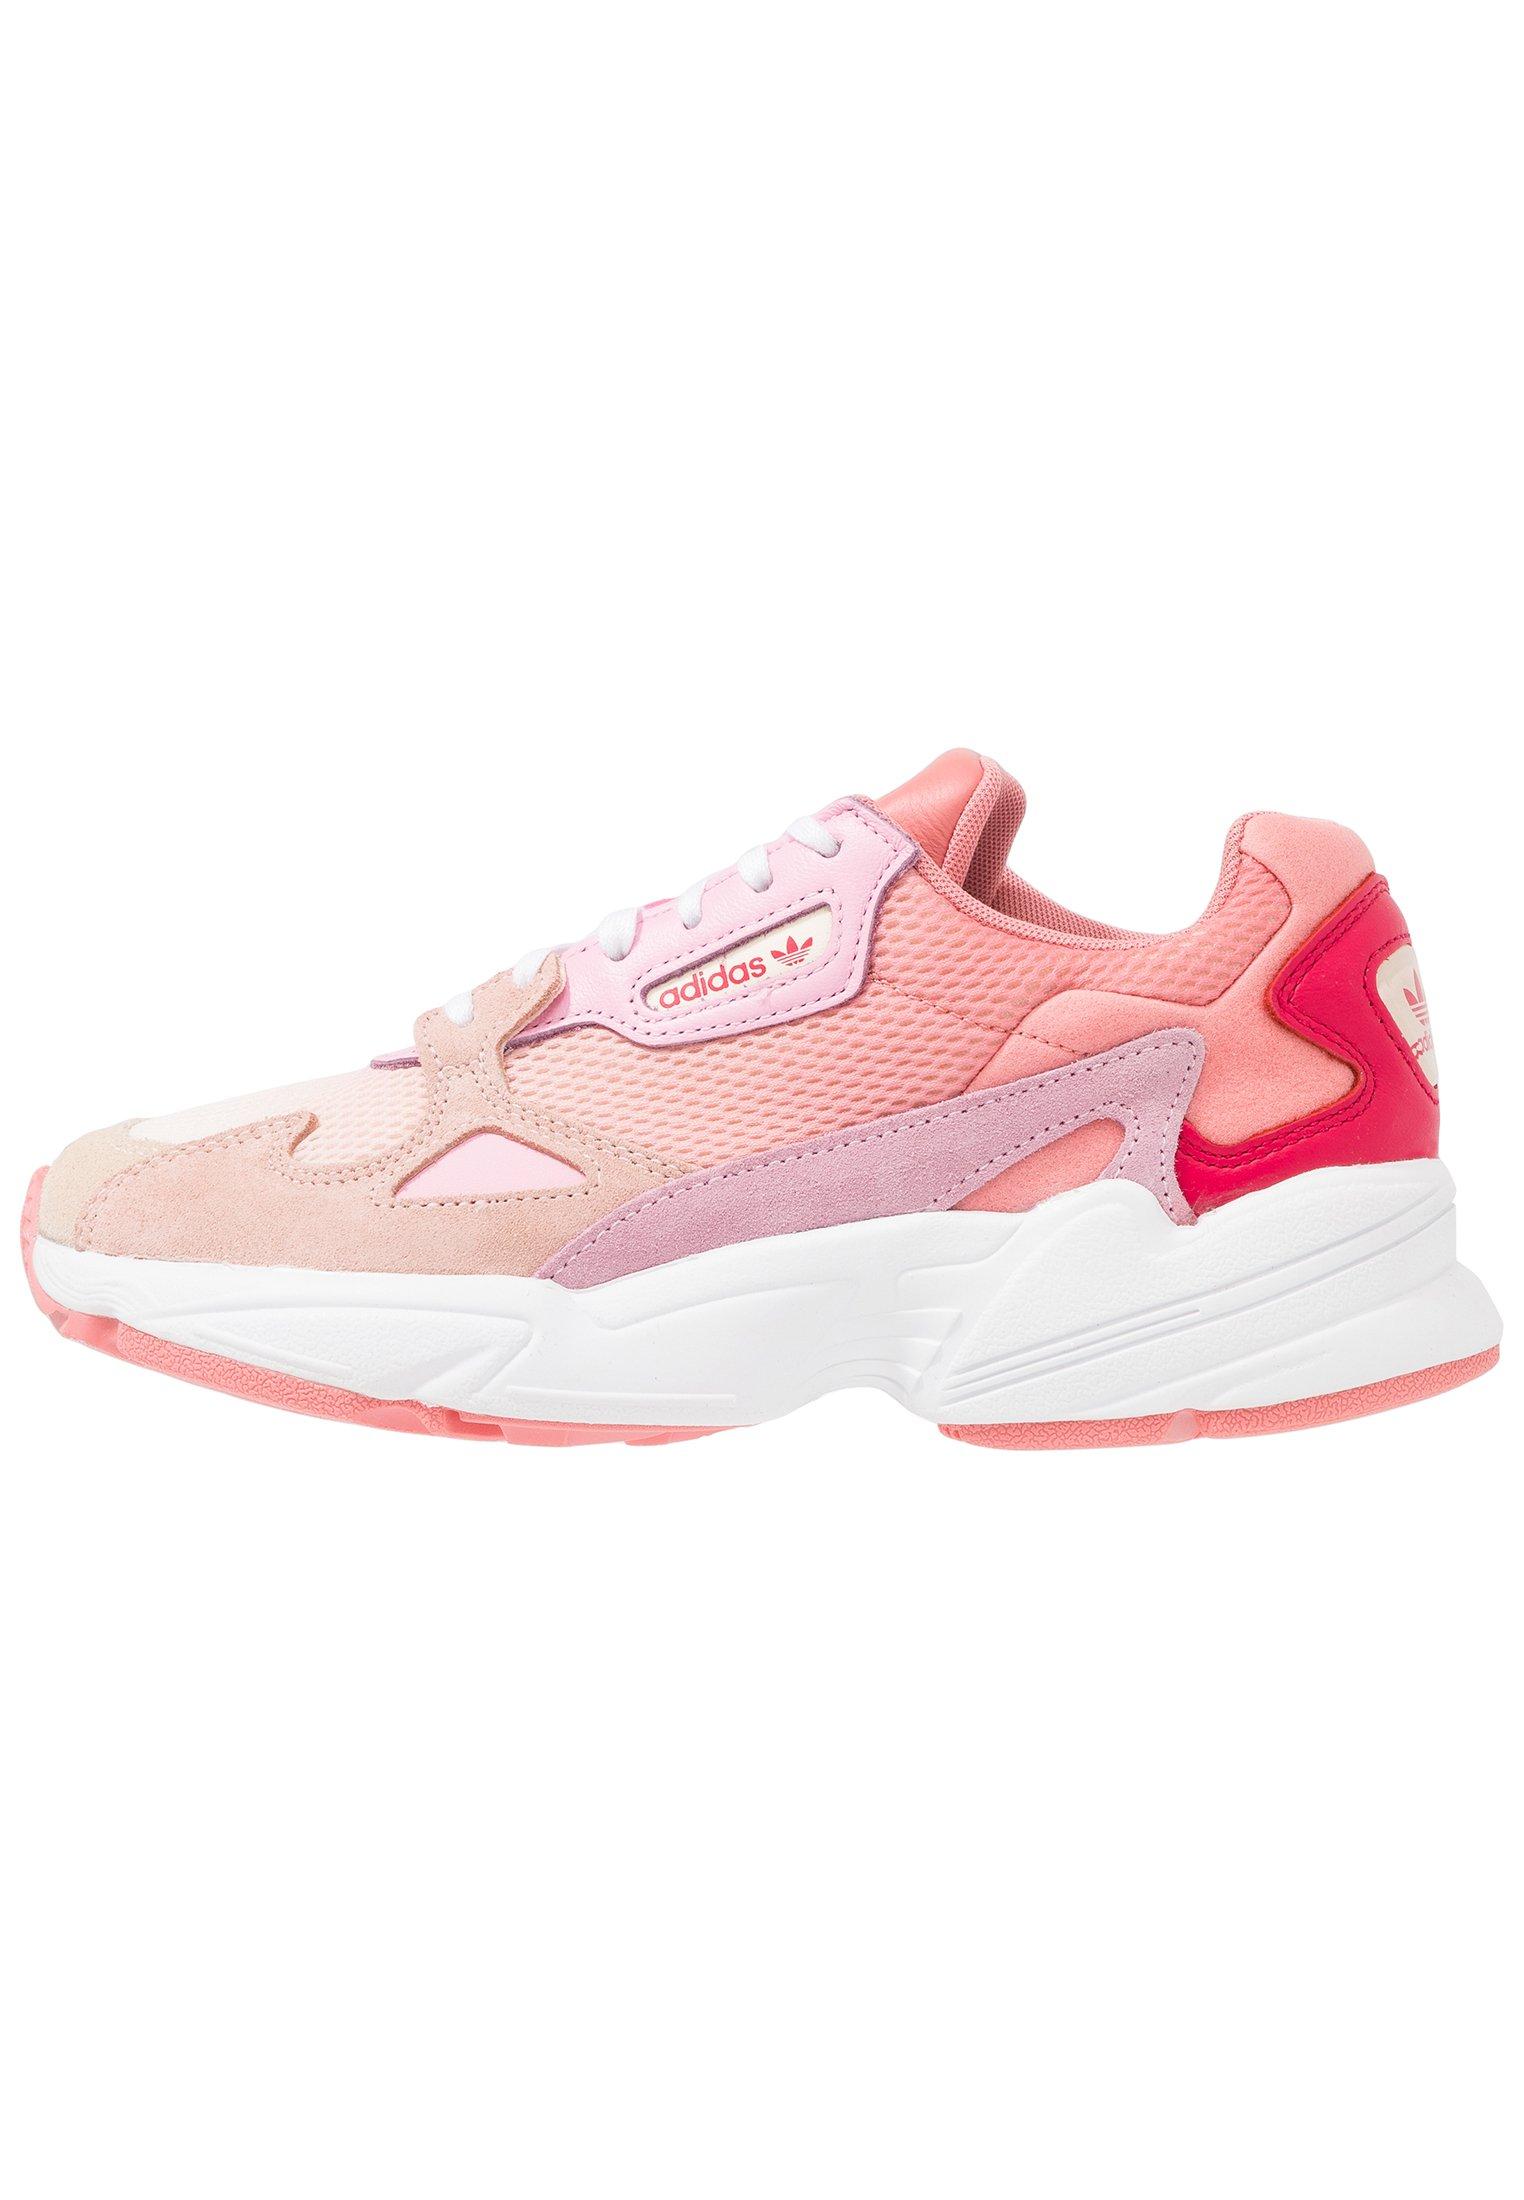 adidas Originals FALCON Sneakers laag ecru tintice pink